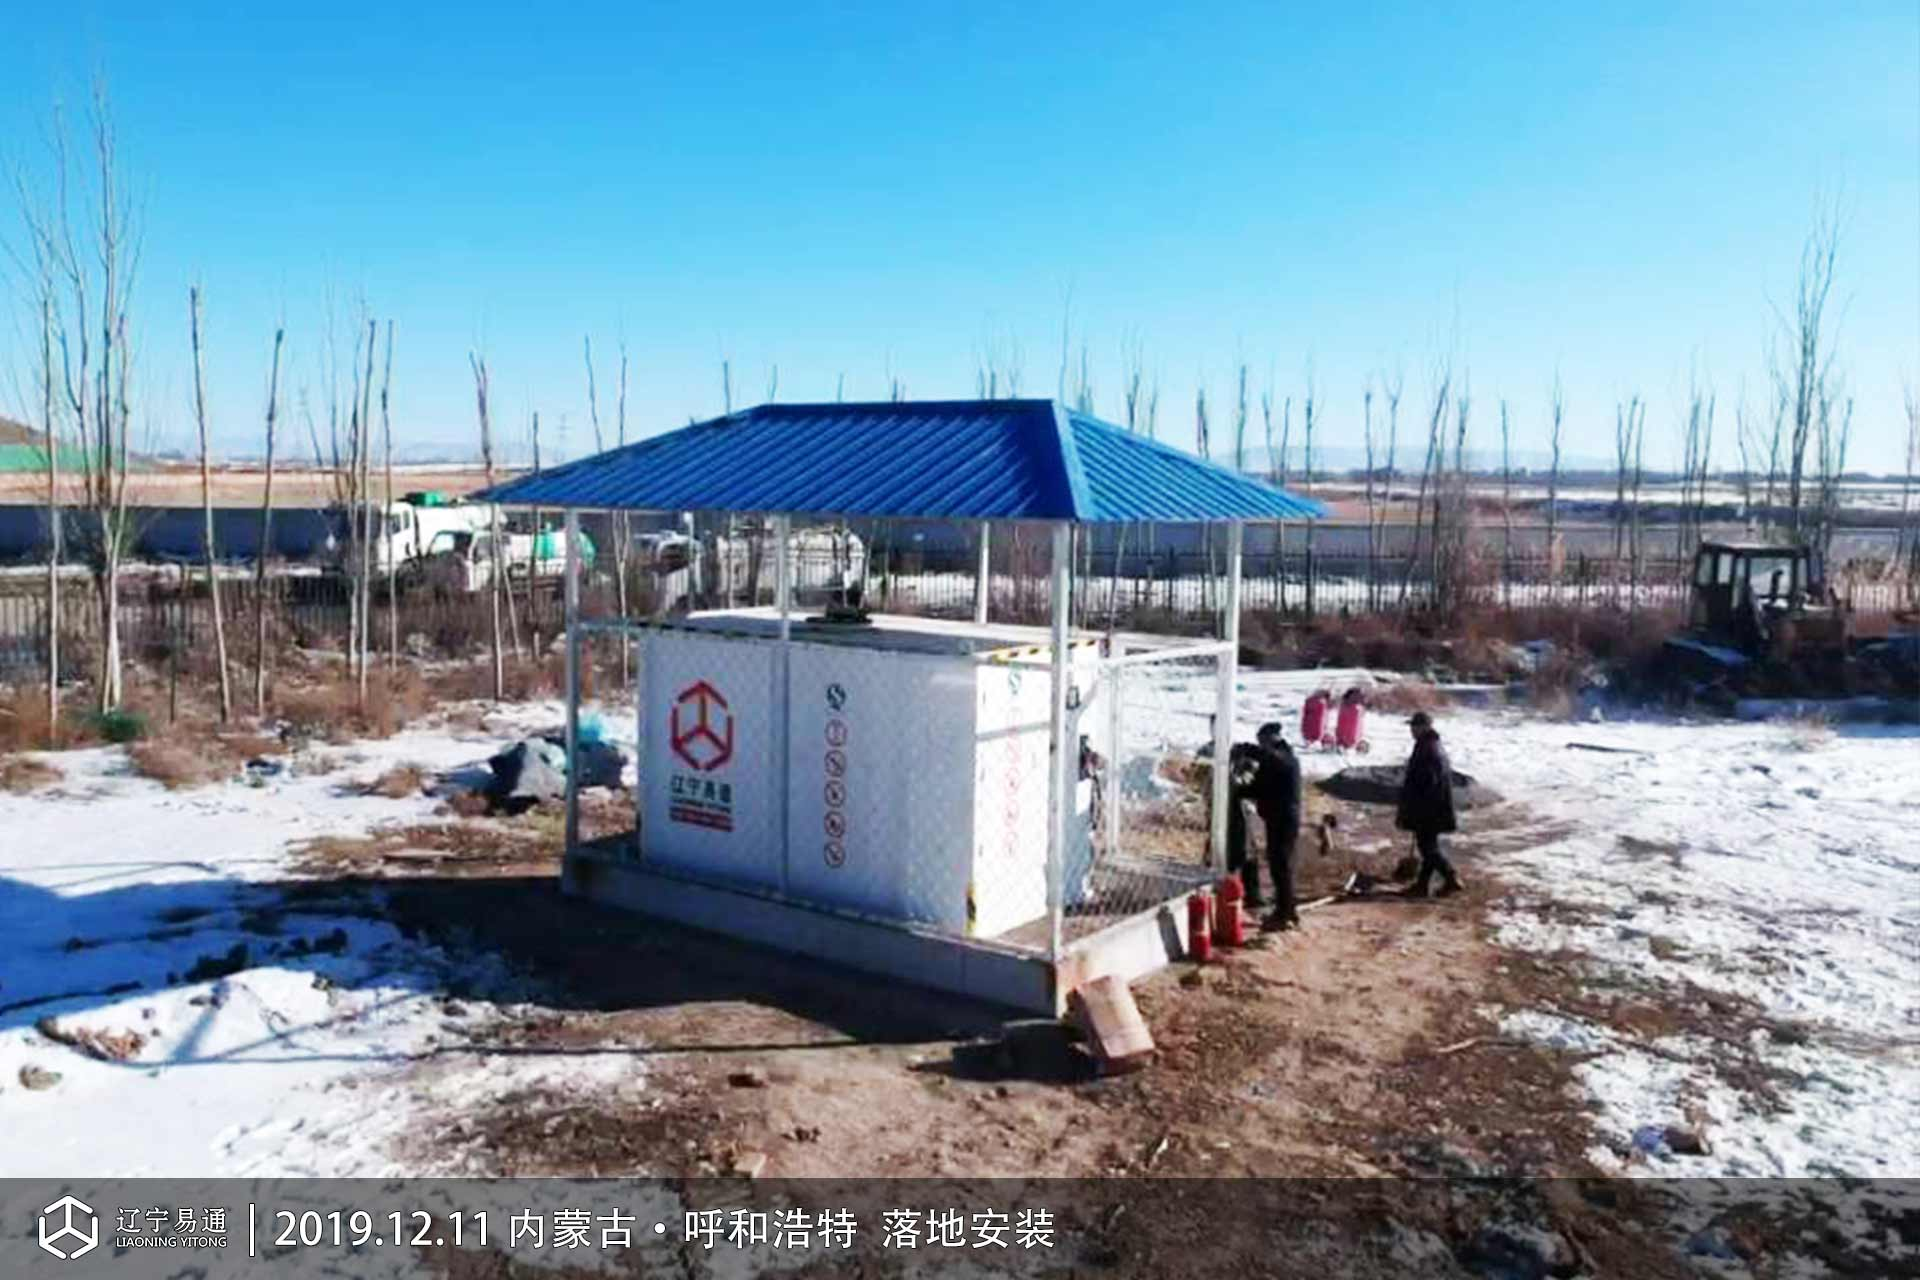 2019年12月11日,易通撬装manbetx万博站在内蒙古呼和浩特安装成功